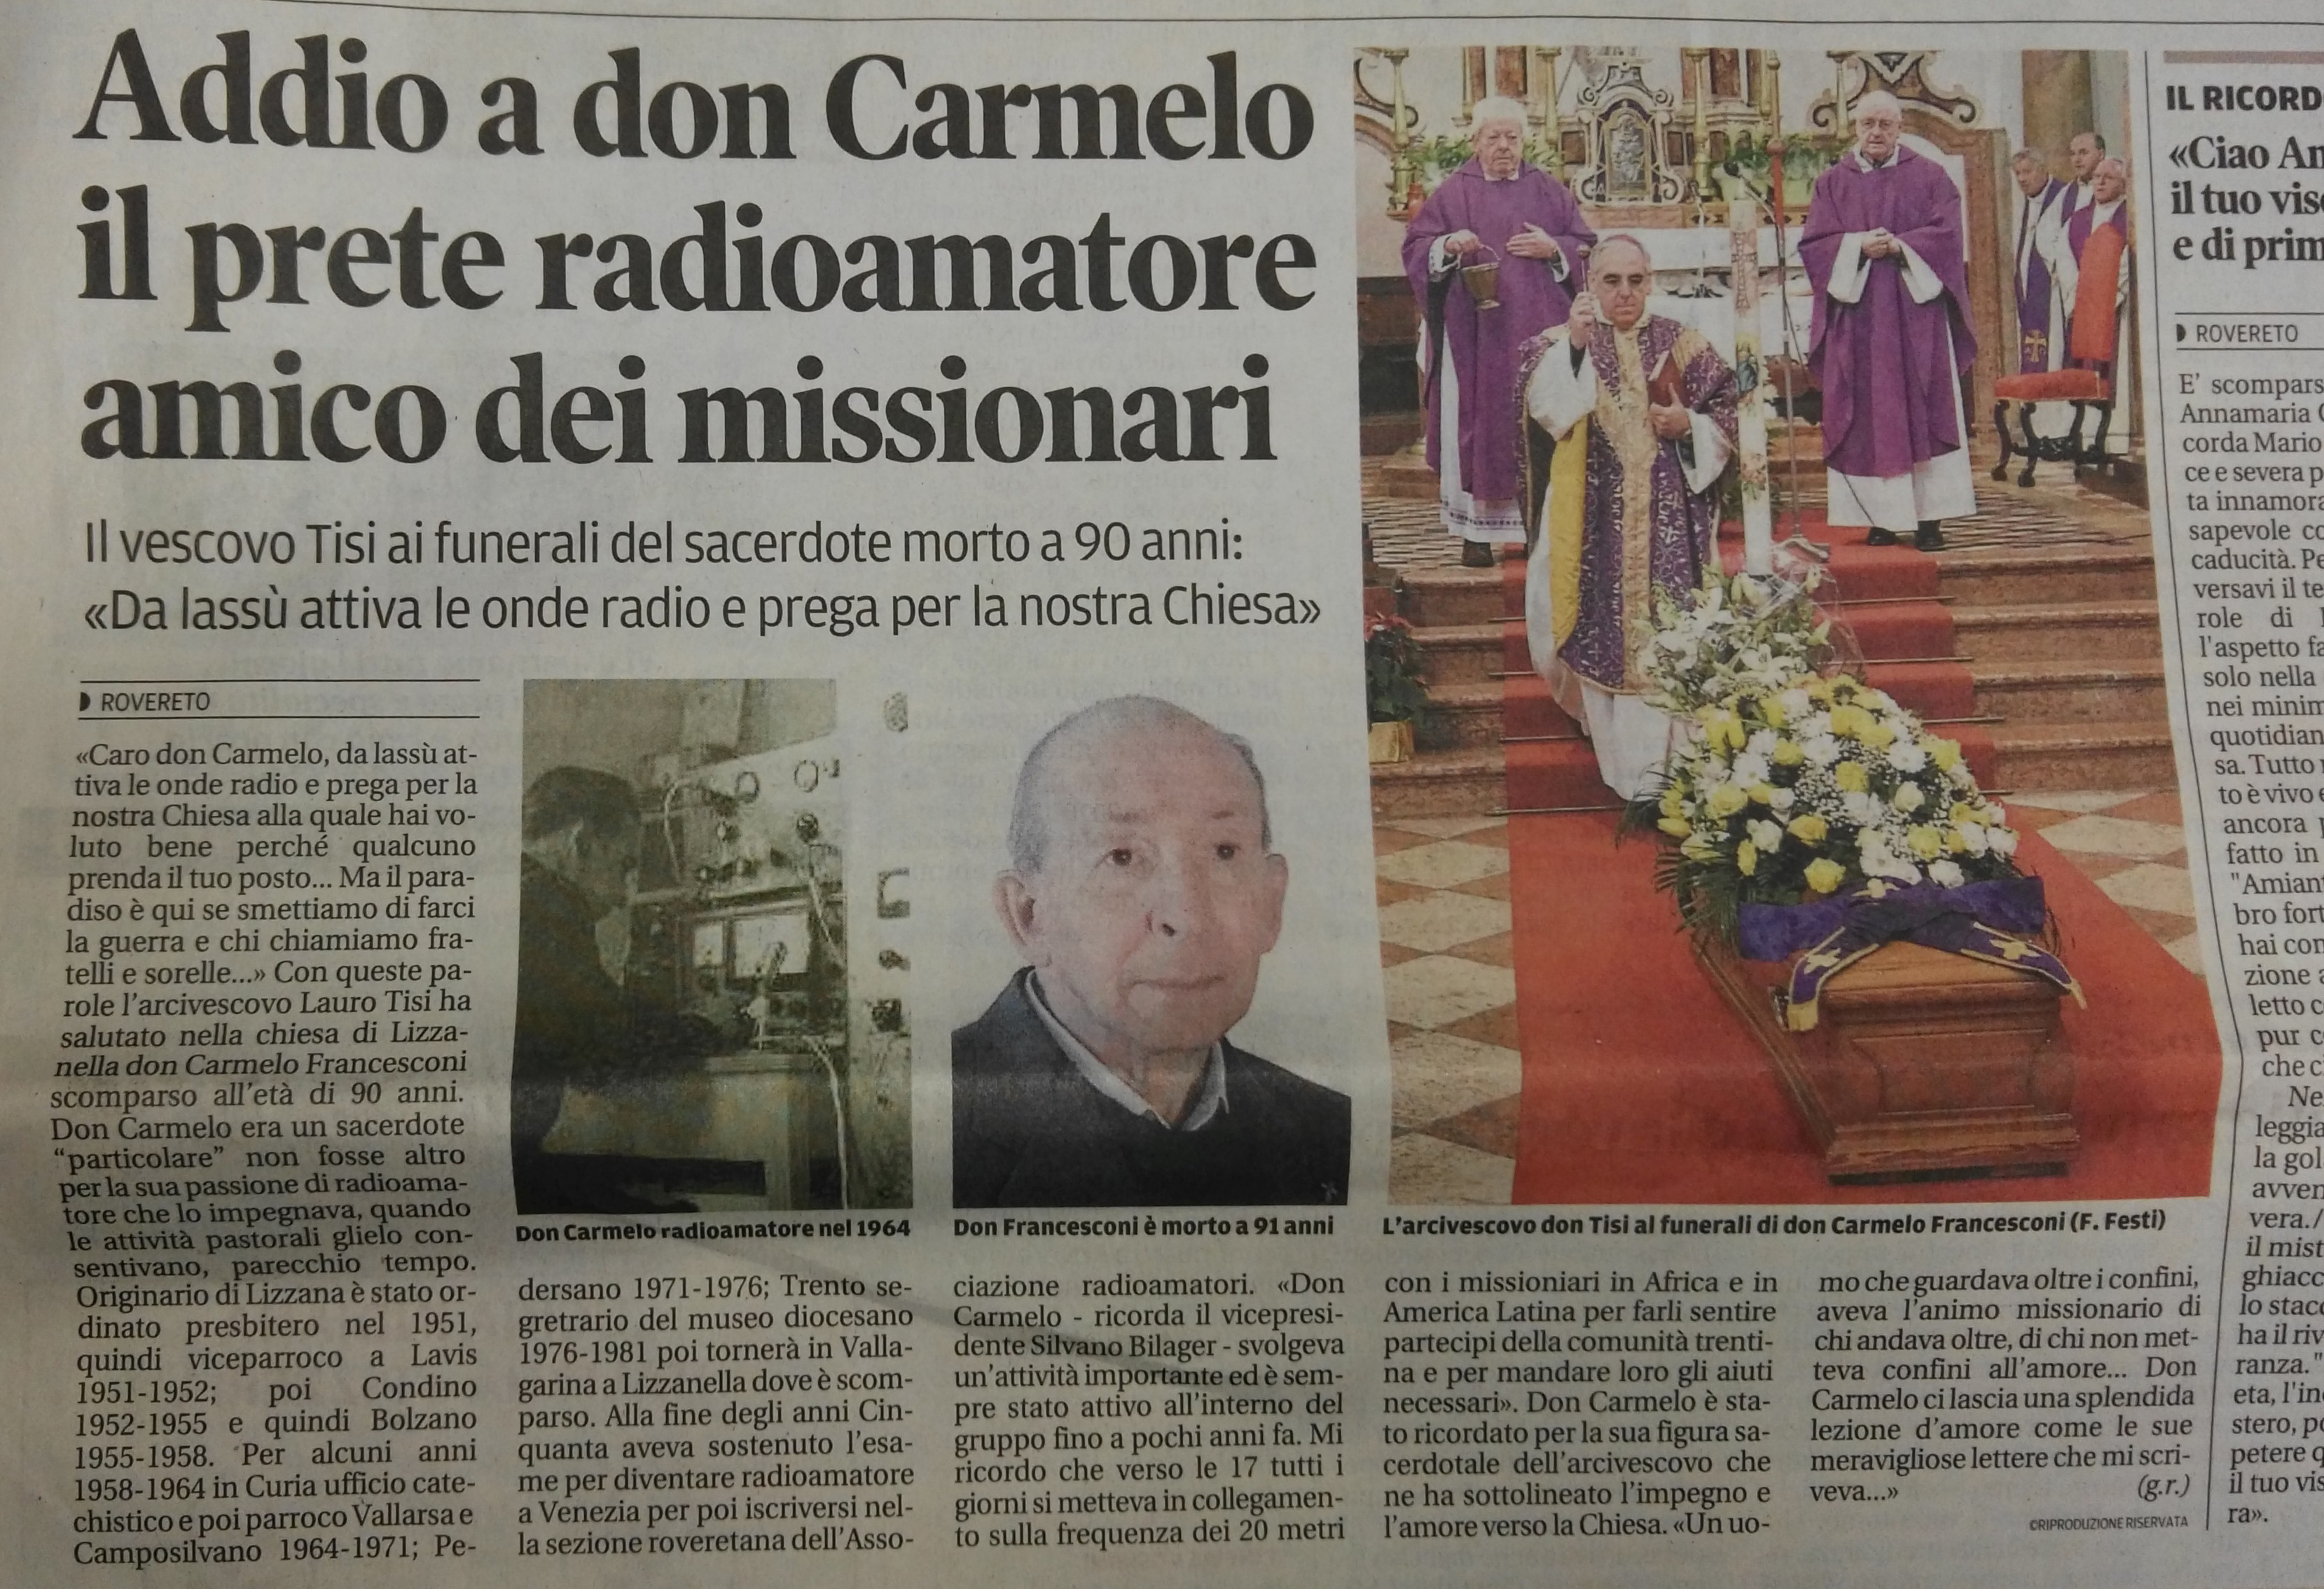 Un saluto a don Carmelo